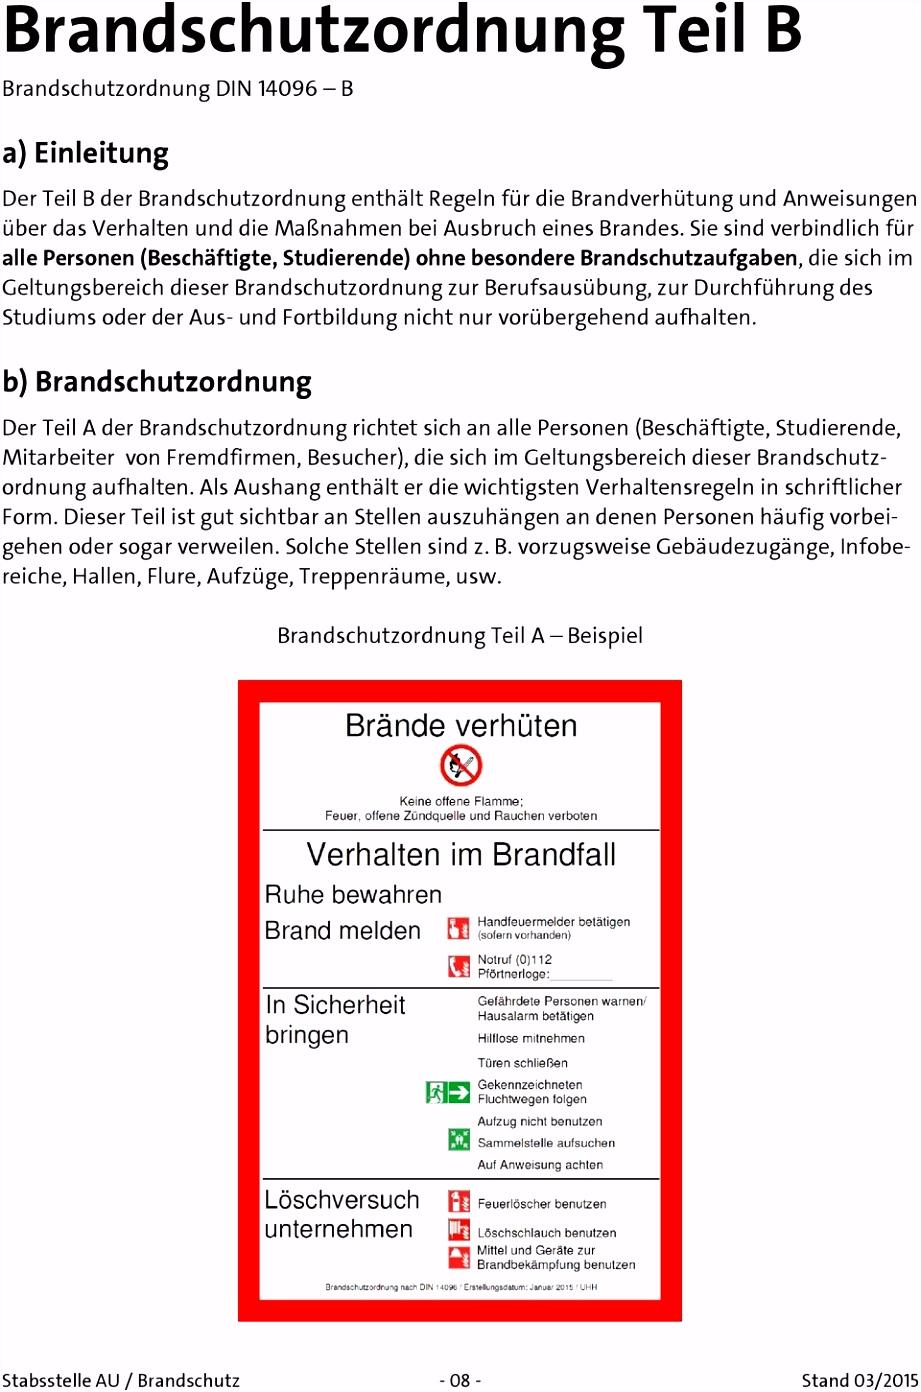 Brandschutzordnung der Universität Hamburg ohne UKE für den